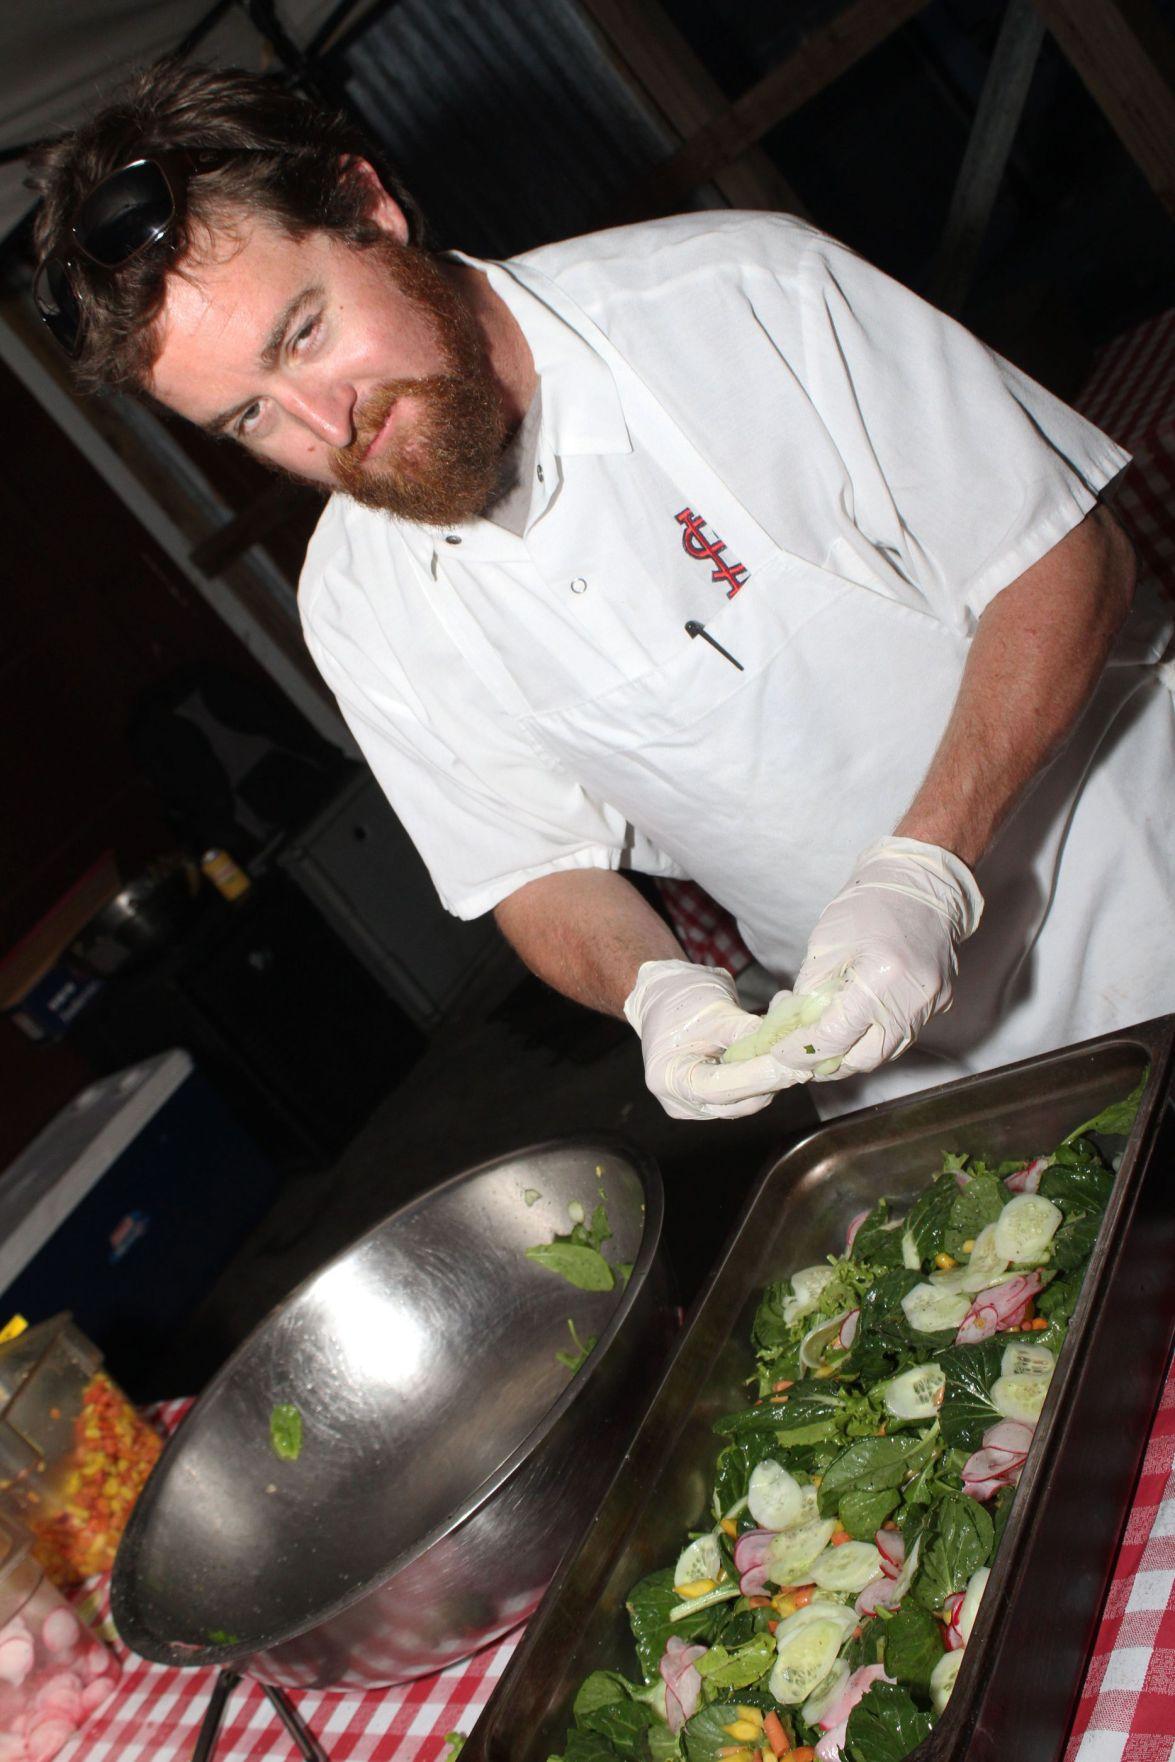 Home Team BBQ executive chef wins Chopped episode